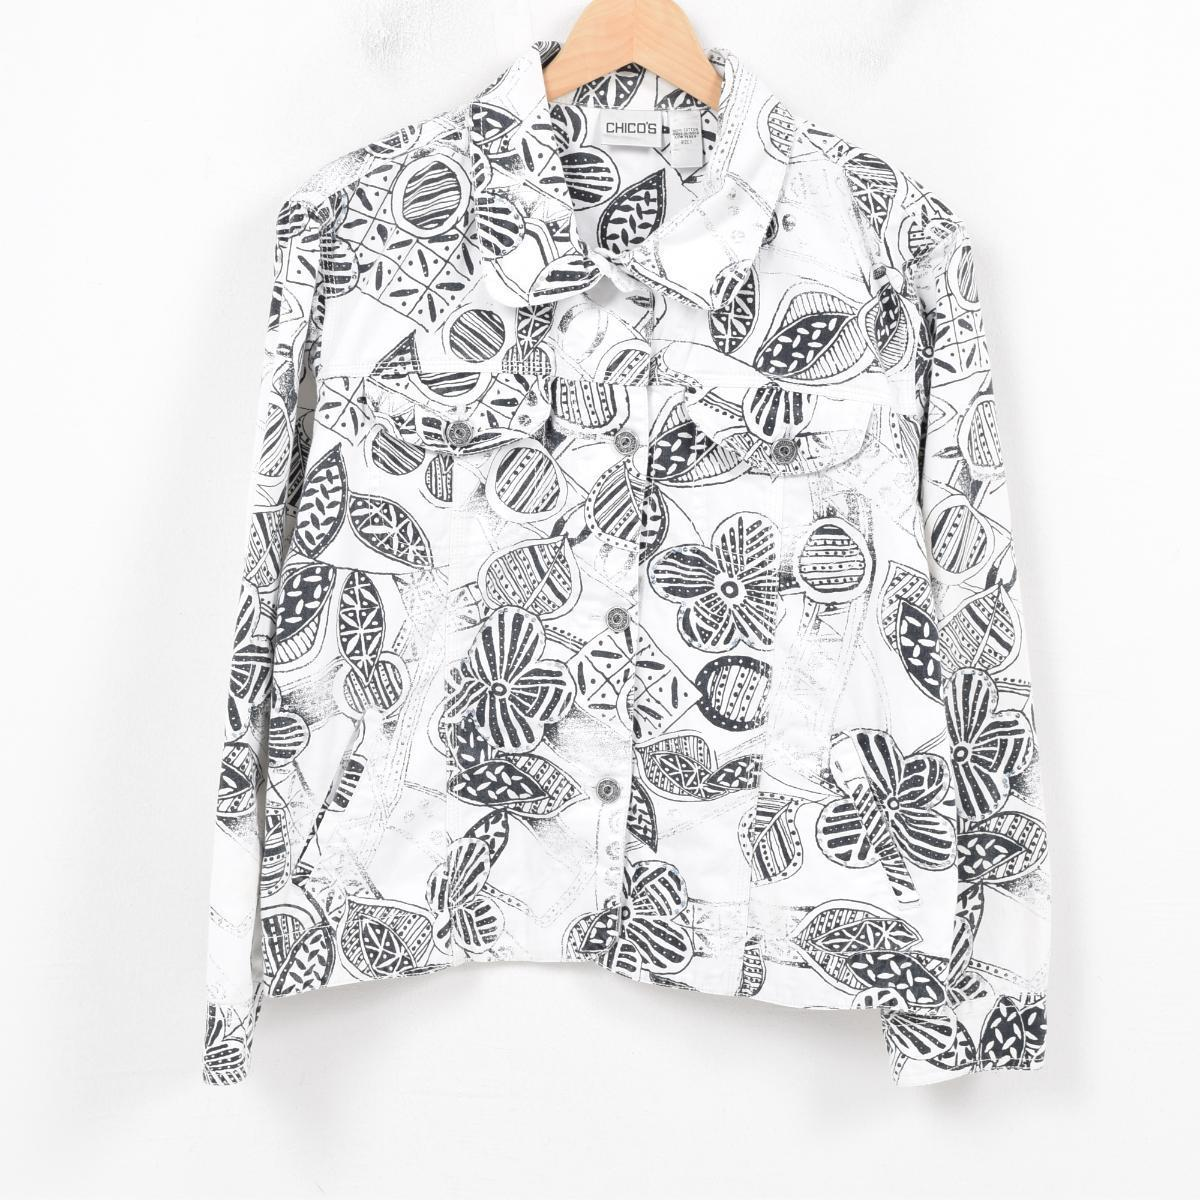 CHICO'S 総柄 スパンコール刺繍 デニムジャケット レディースL /wap1739 【中古】 【180318】【SP10】